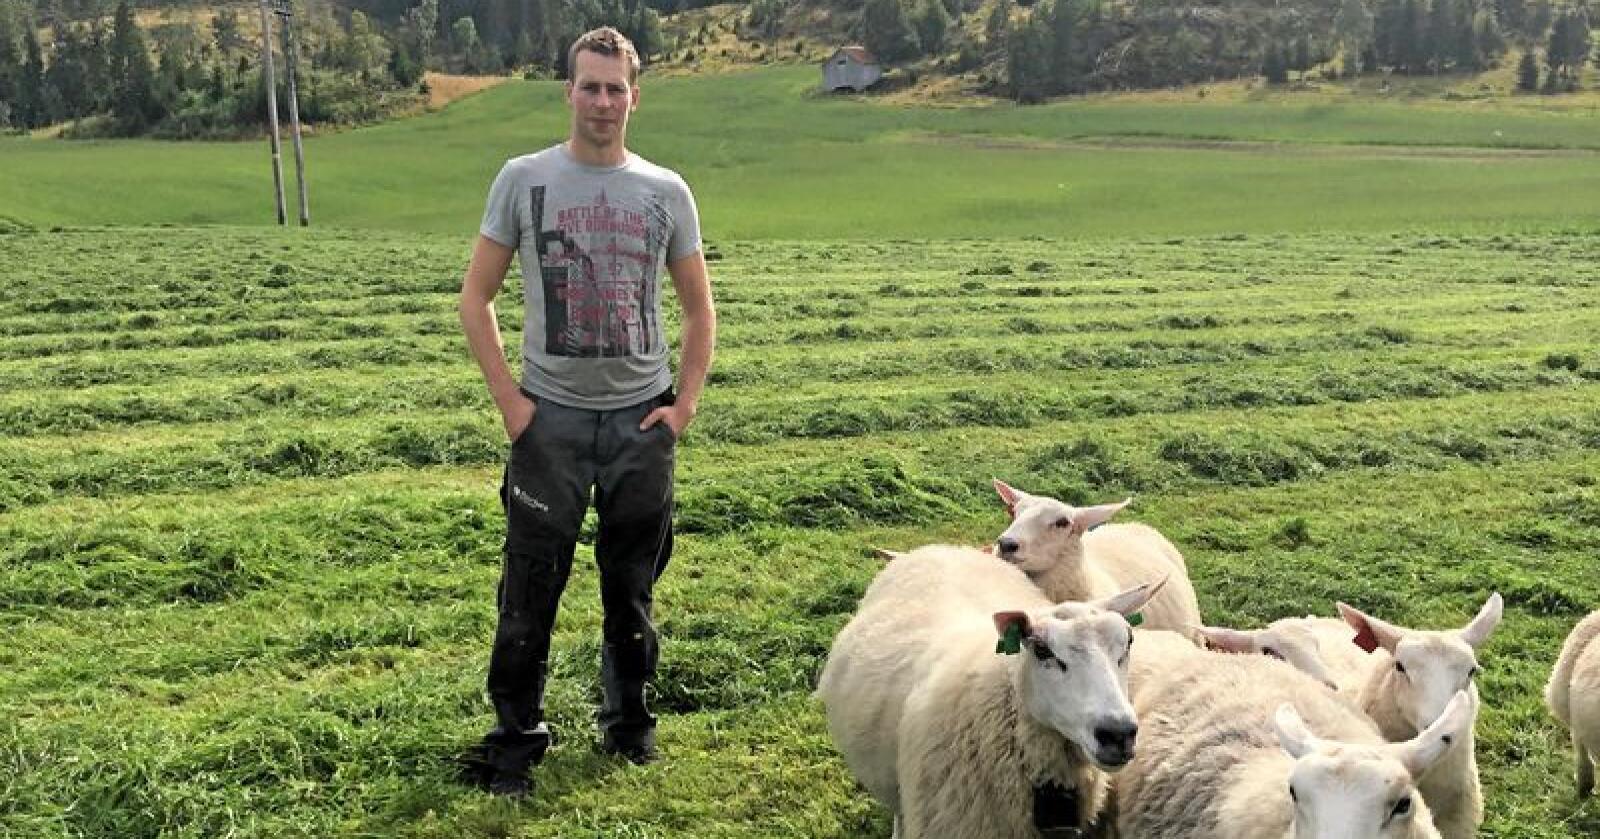 Ole Reidar Davidsen er sauebonde i Hemnes i Nordland. Han frykter at opptil 200 av lammene hans kan være tatt av jerv. Foto: Privat